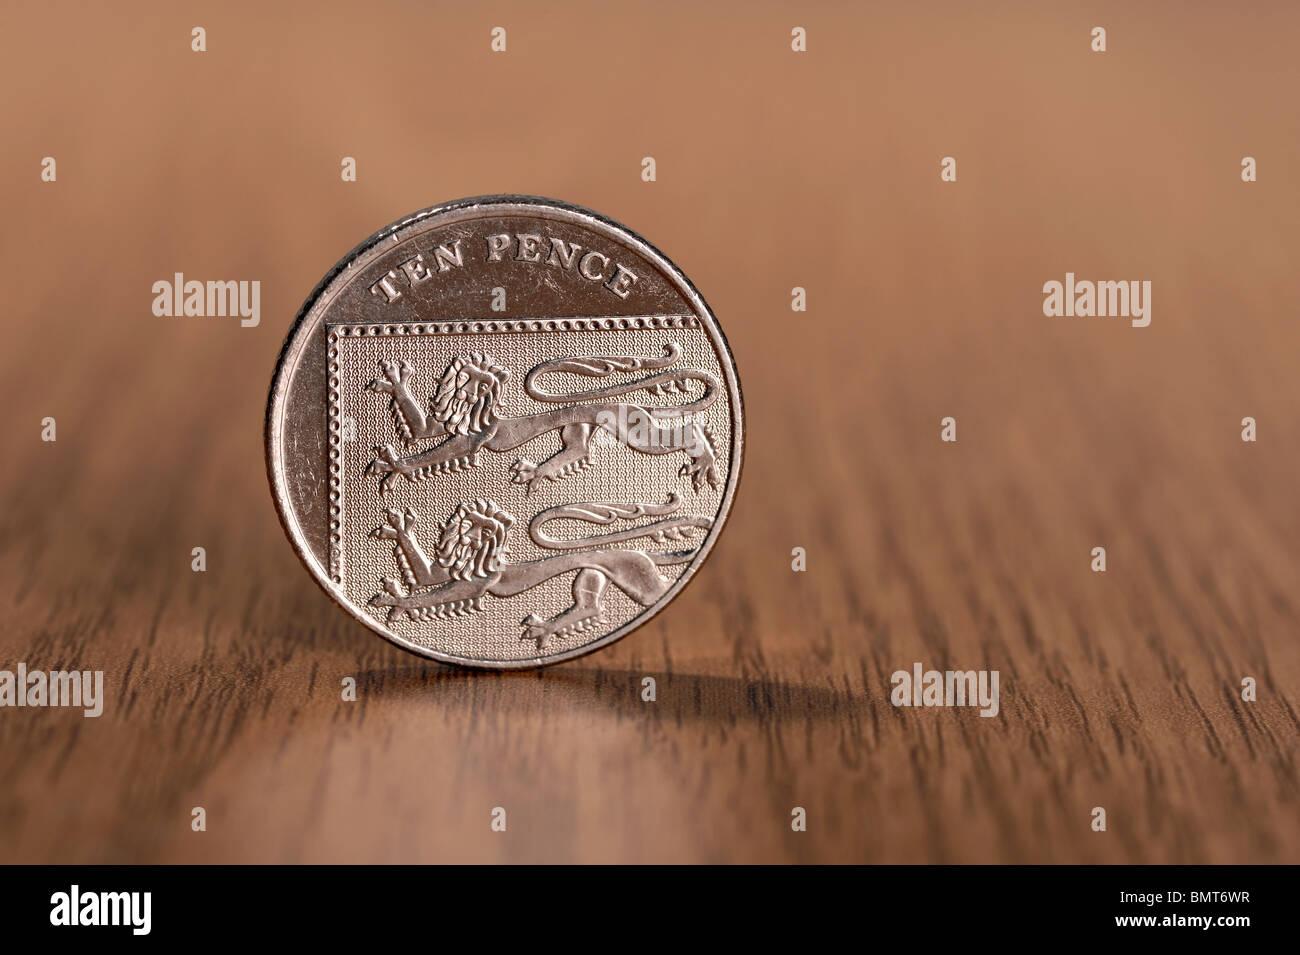 Ten Pence coin - Stock Image